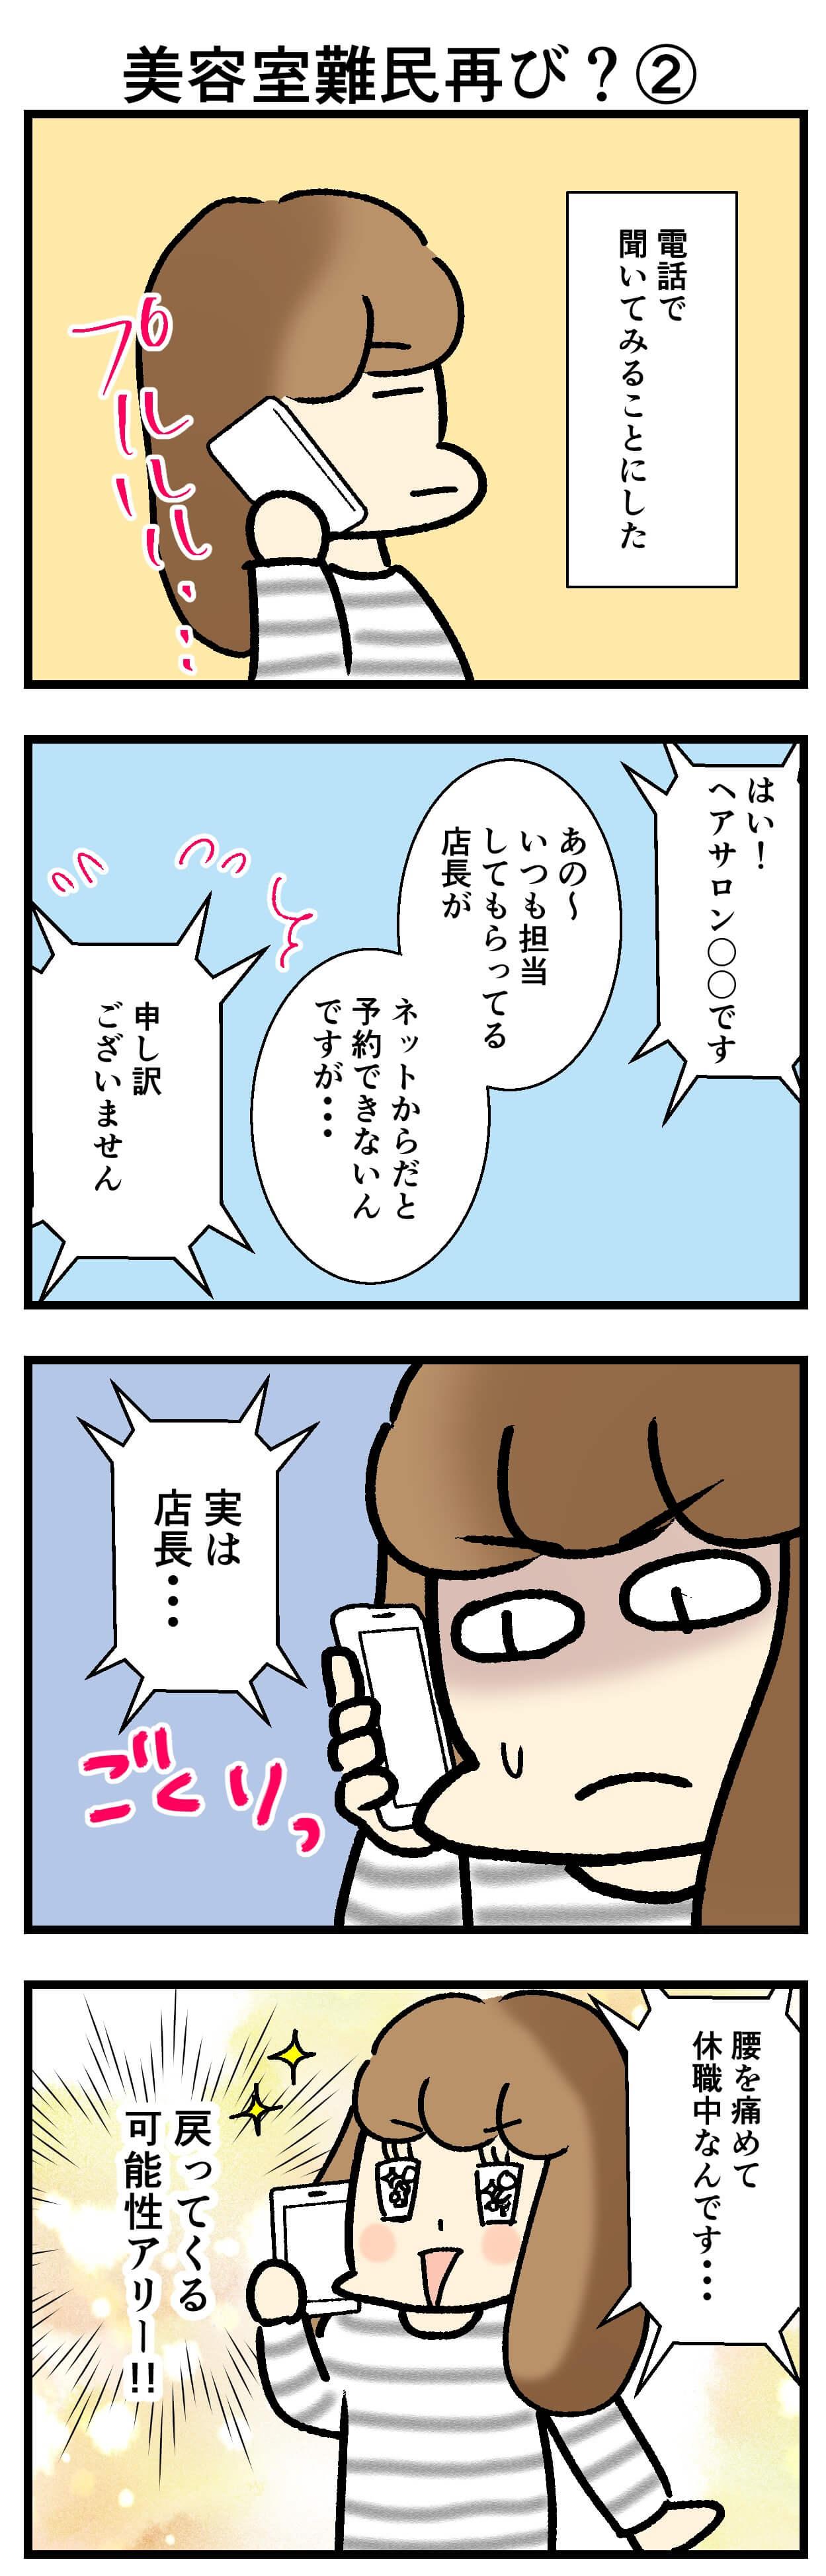 【エッセイ漫画】アラサー主婦くま子のふがいない日常(131)